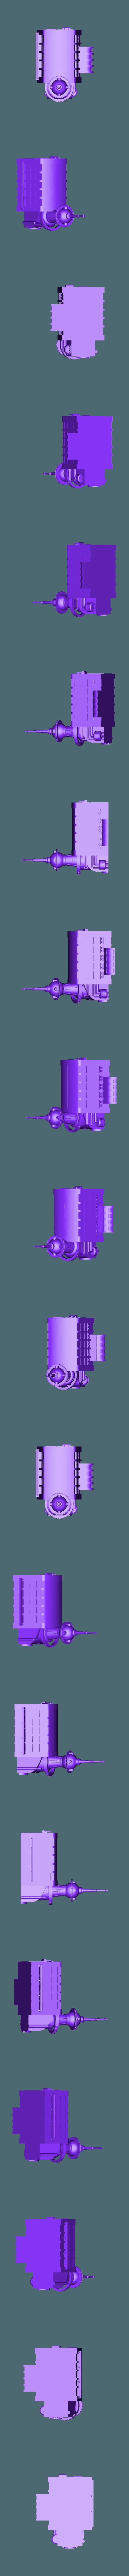 Complete-Model-Unsliced.stl Télécharger fichier STL gratuit Planète Express 3030 • Objet à imprimer en 3D, Piggie